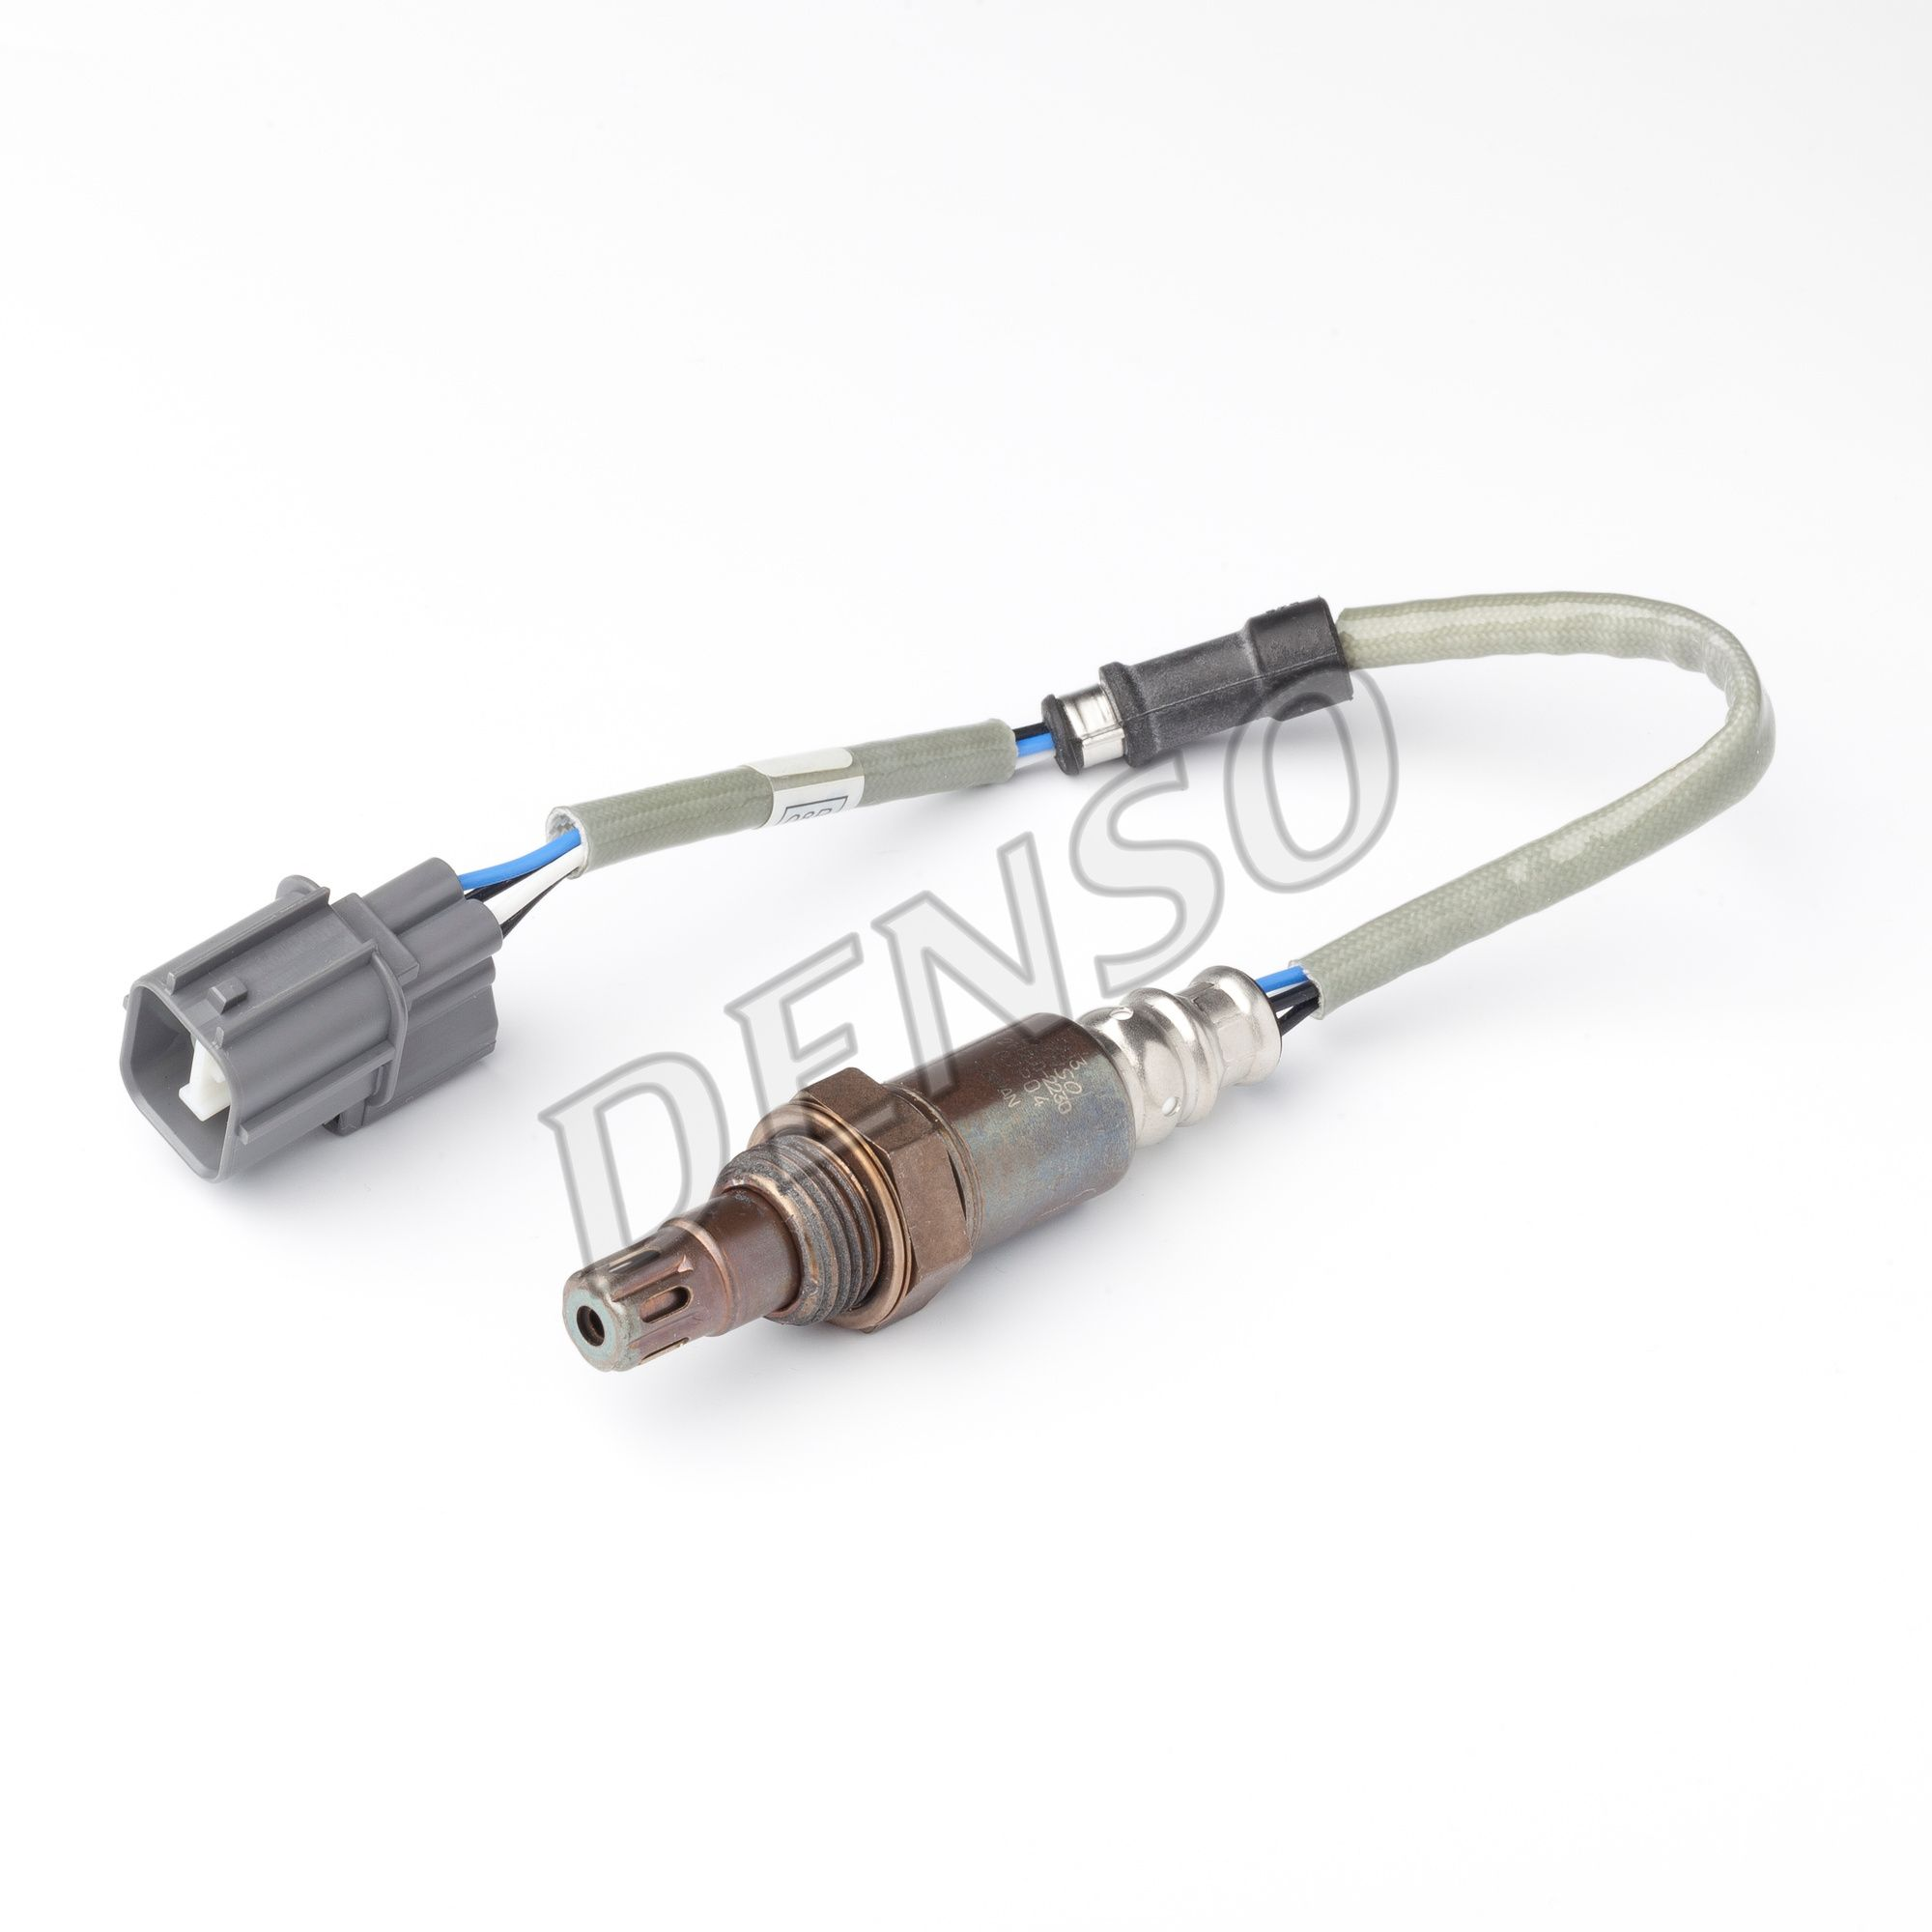 DOX-1415 DENSO Lambda Sensor - buy online